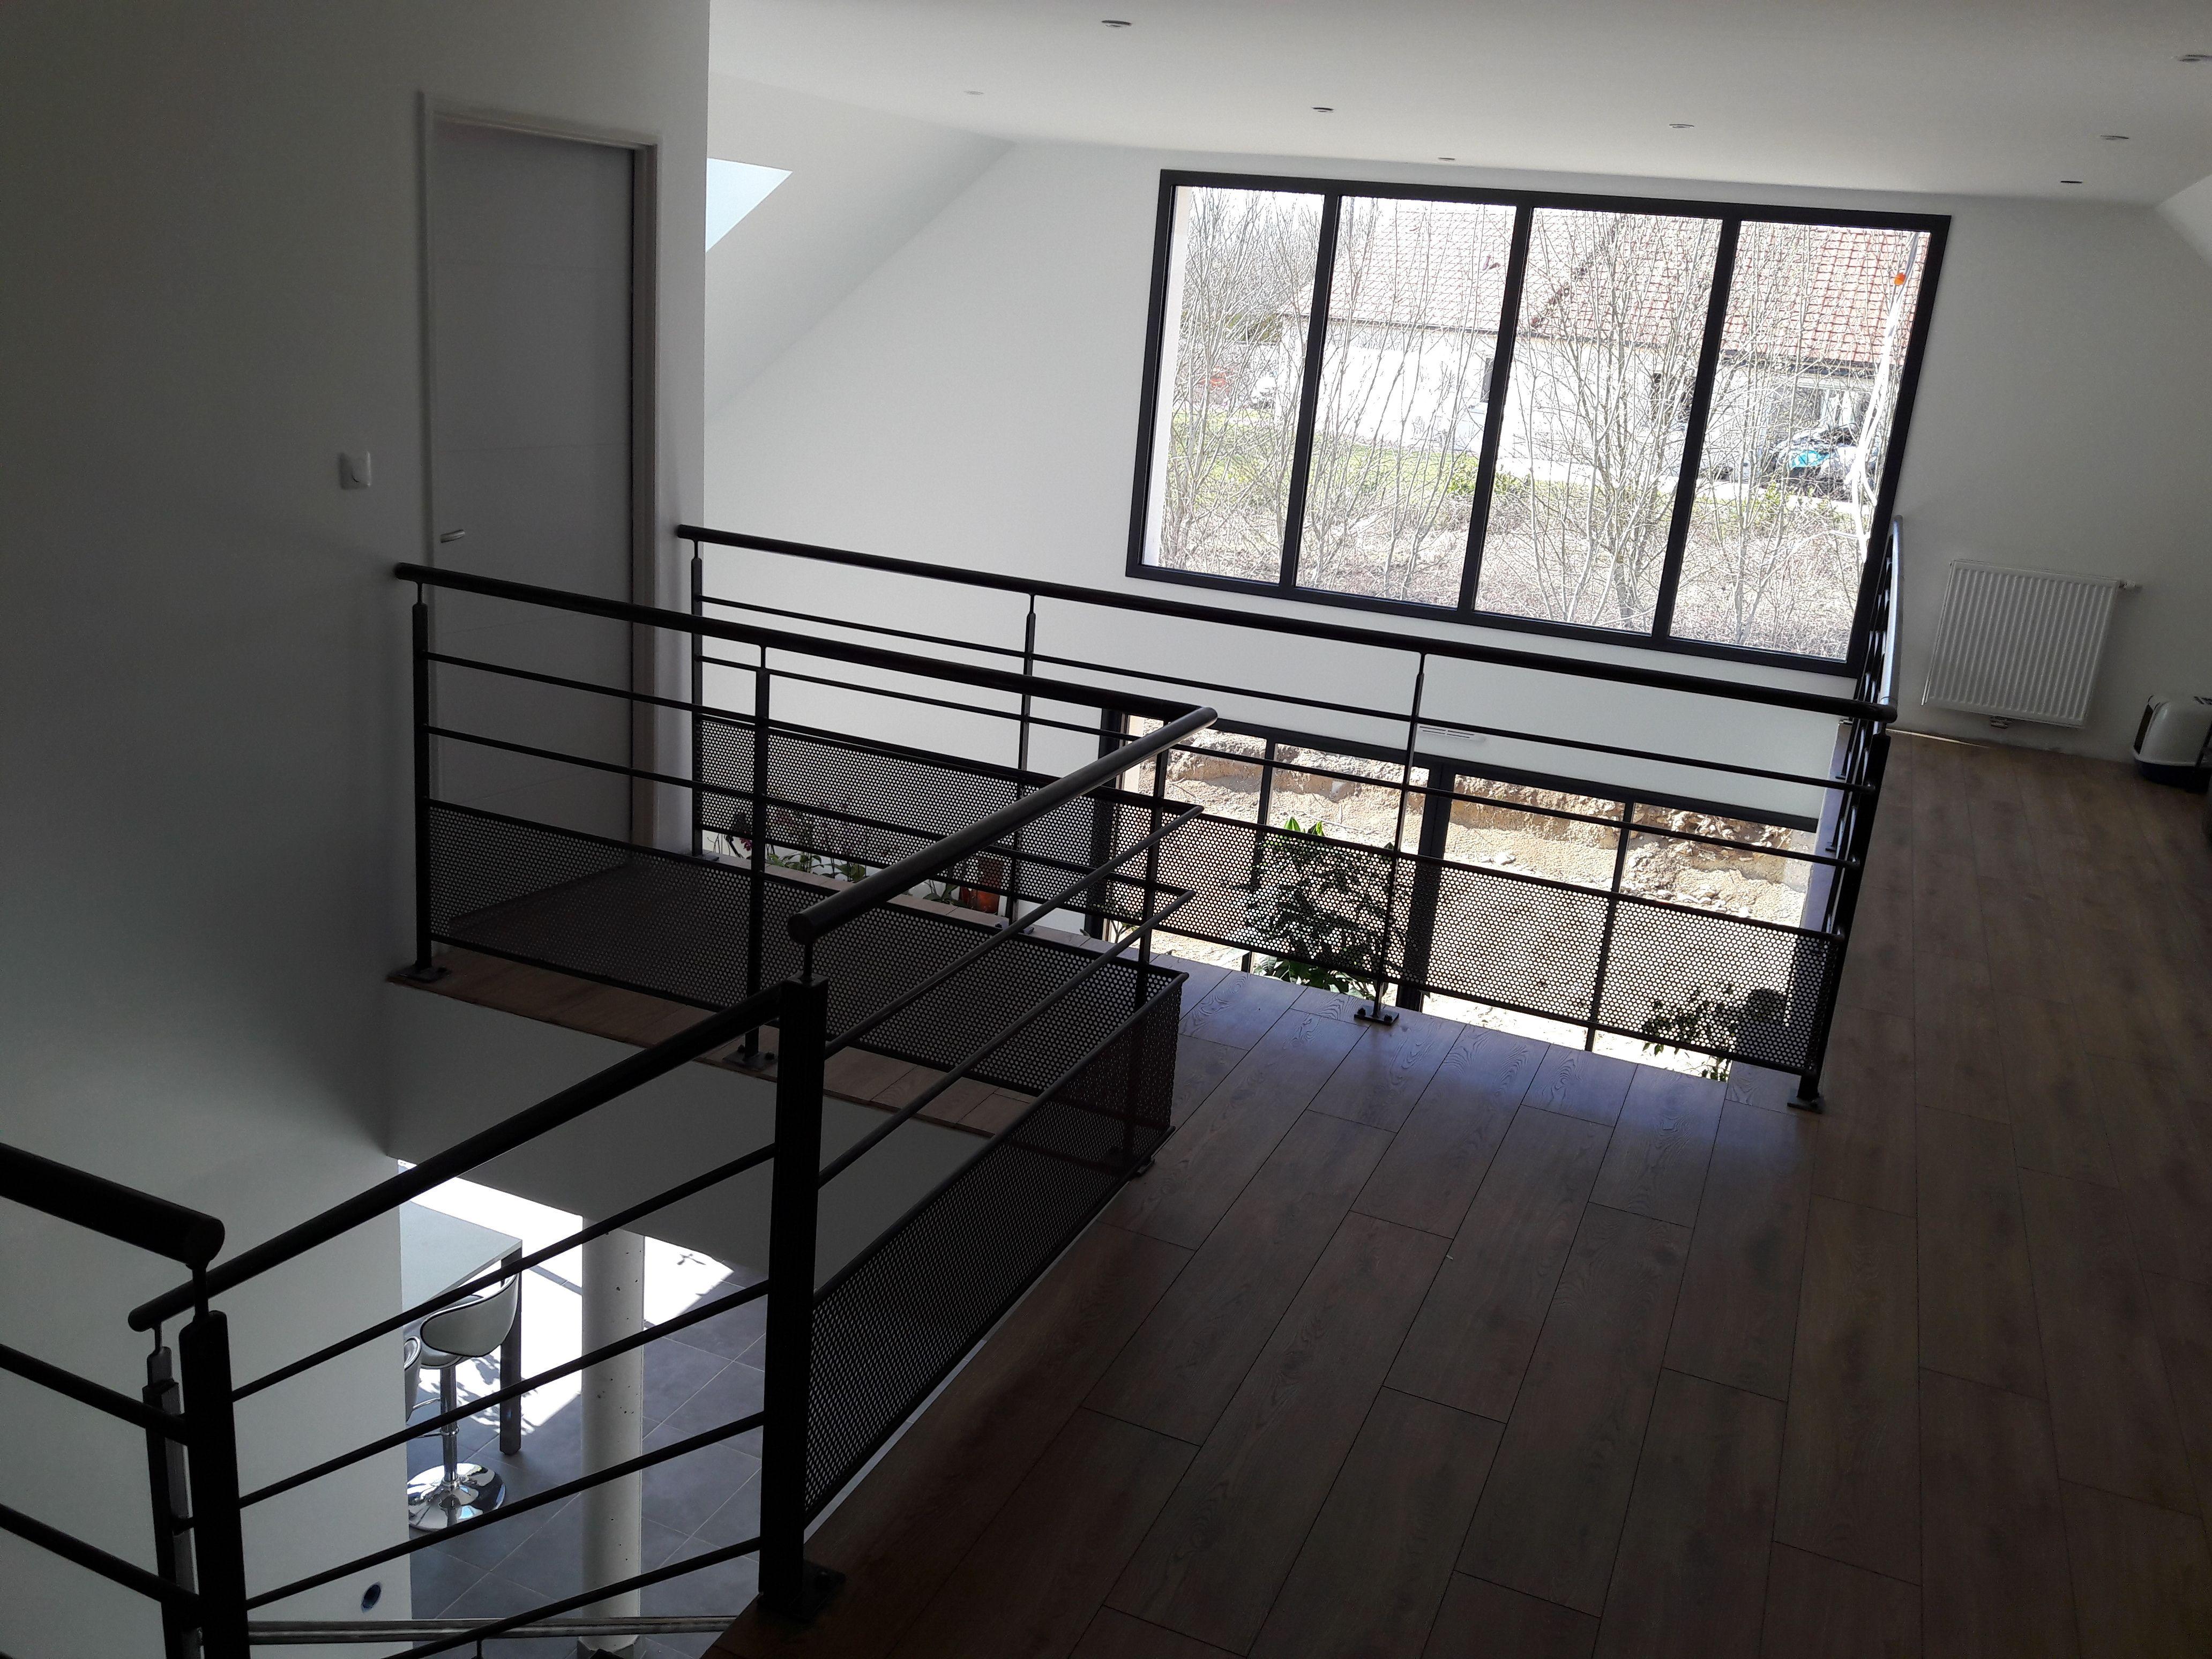 Mezzanine Moderne Maison Contemporaine A Dijon Maison Contemporaine Interieur Maison Contemporaine Maison